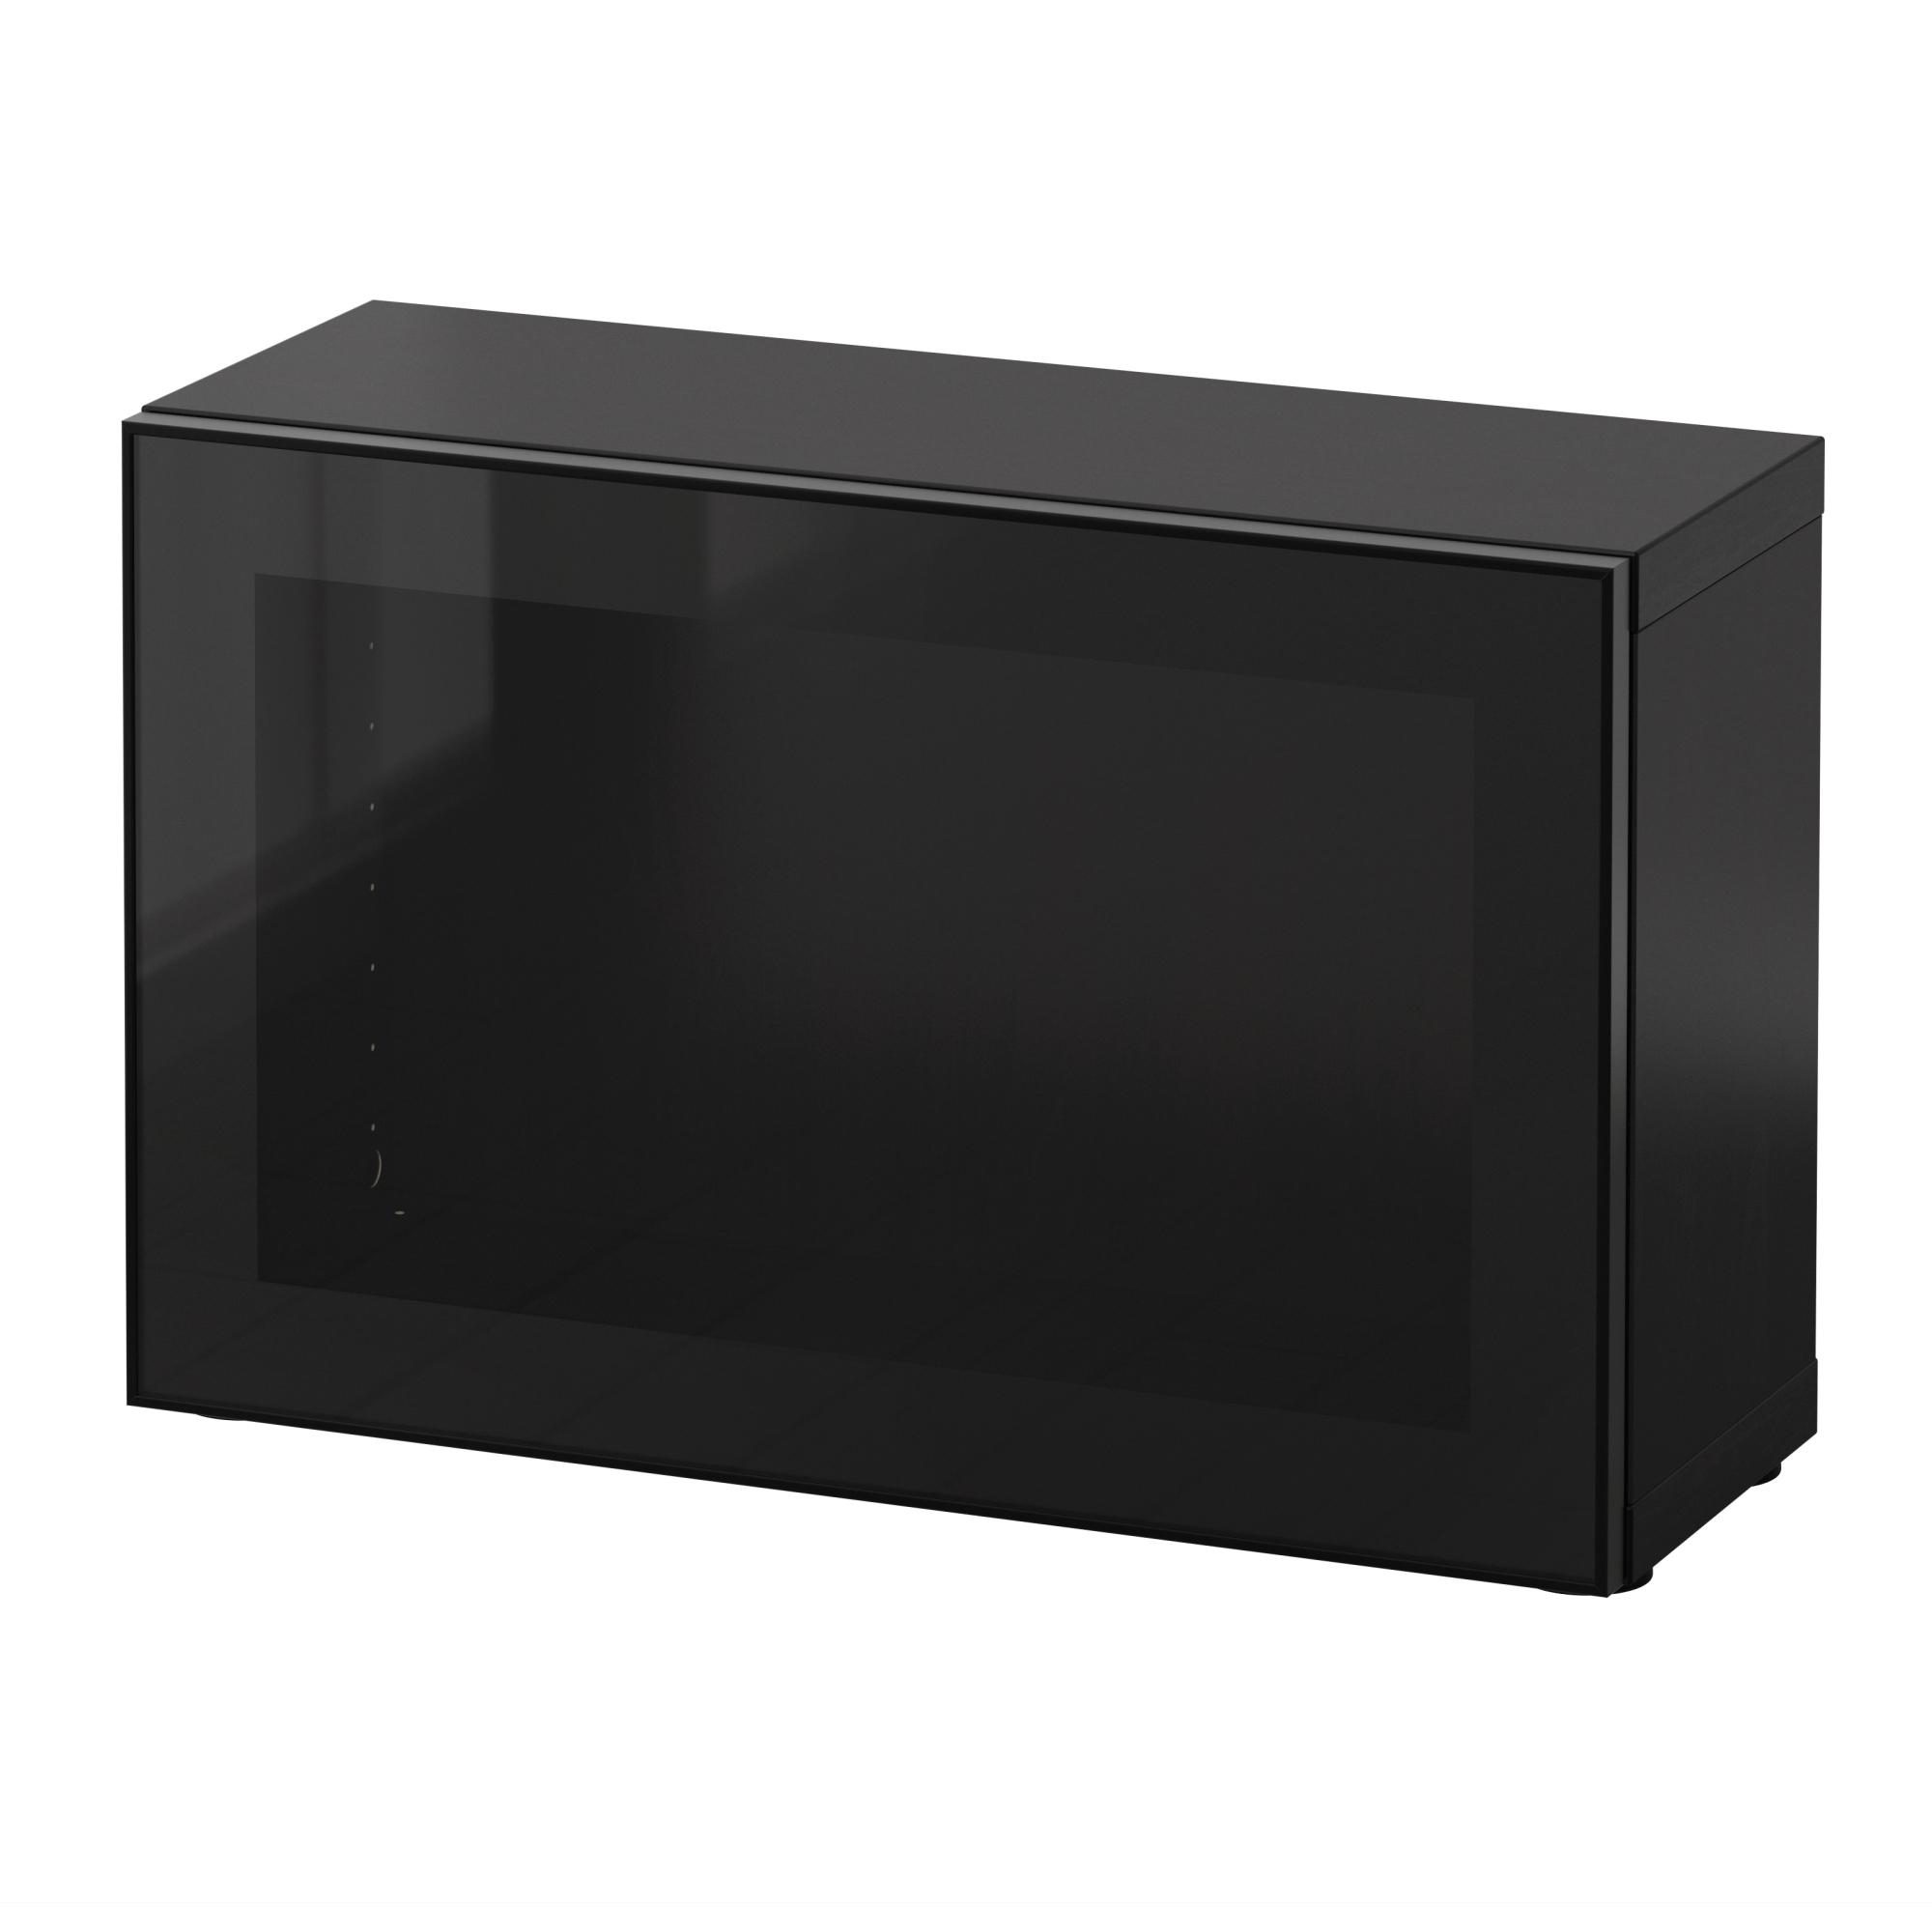 Best estante con puerta de vidiro - Ikea tenerife productos ...